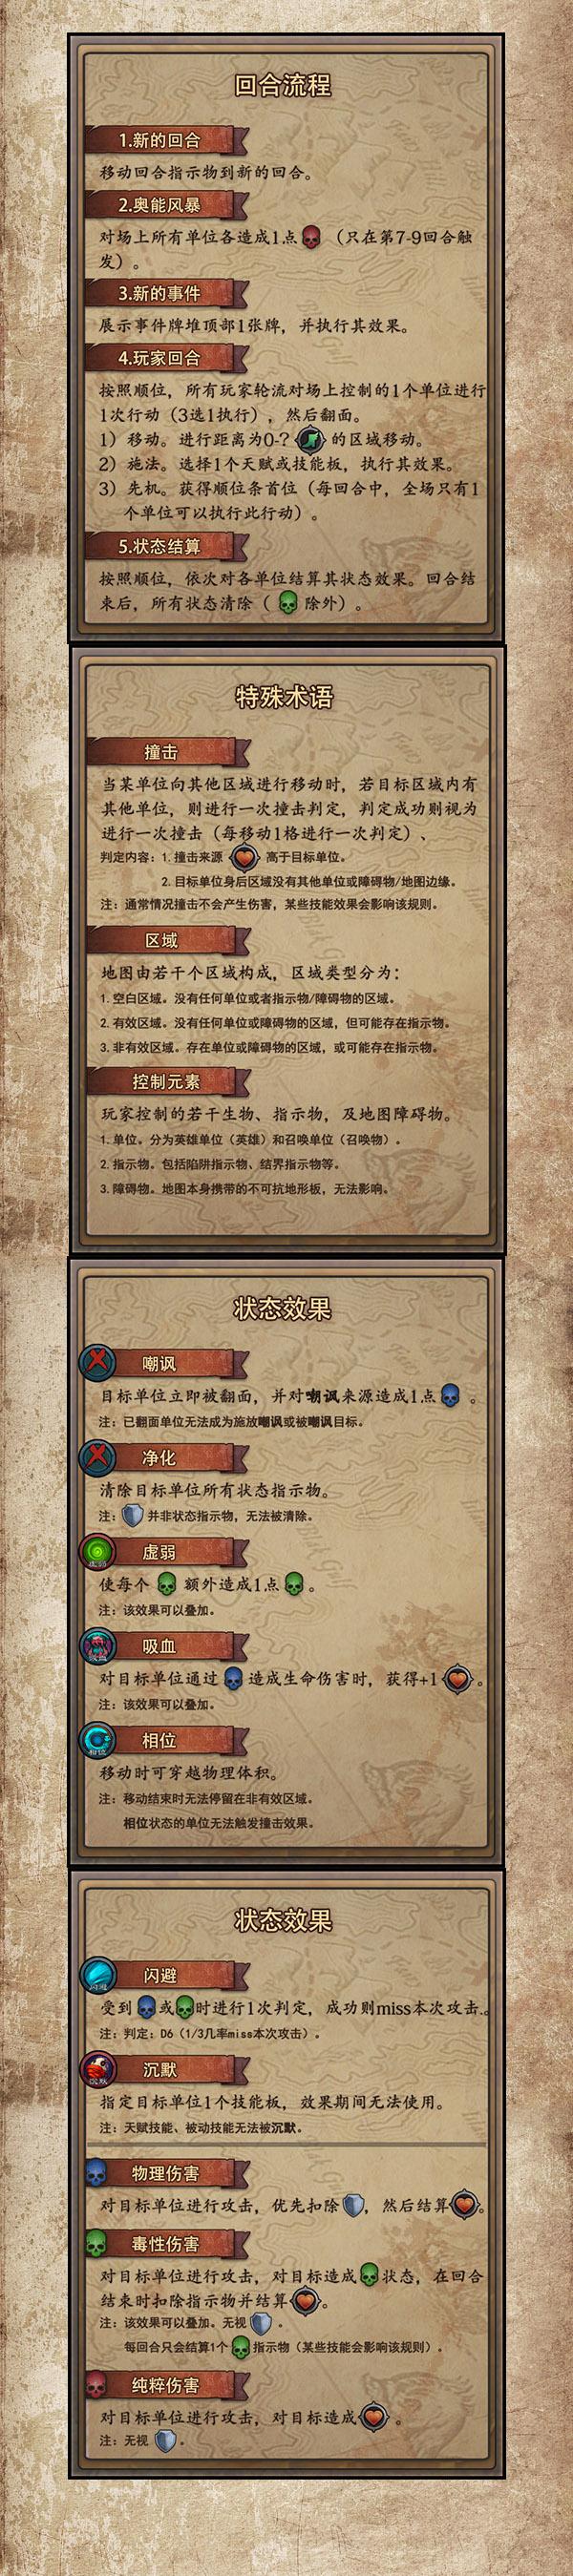 宣传页3-2.jpg